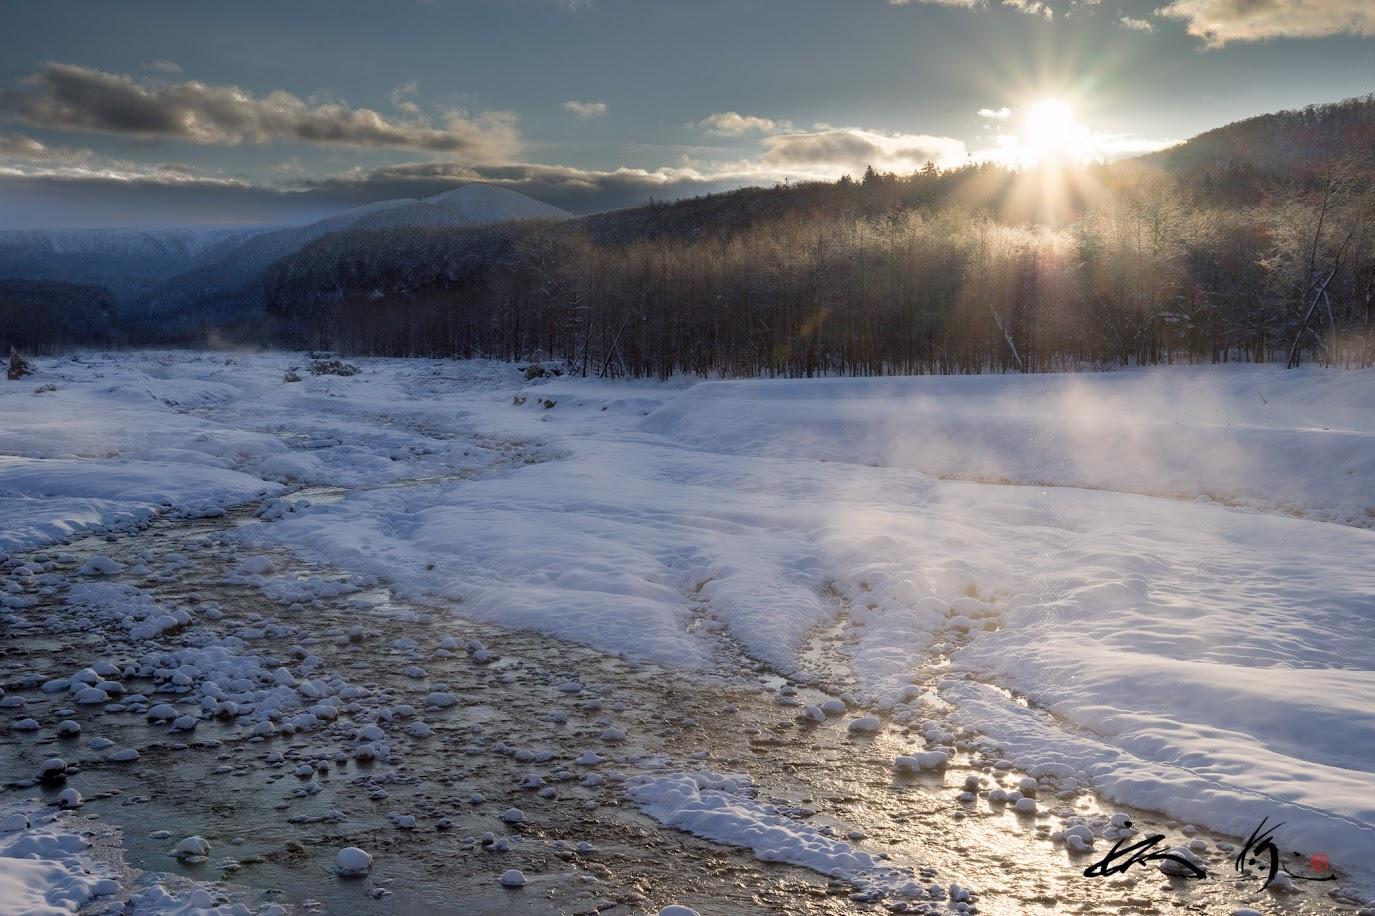 湯気のように上がる川霧